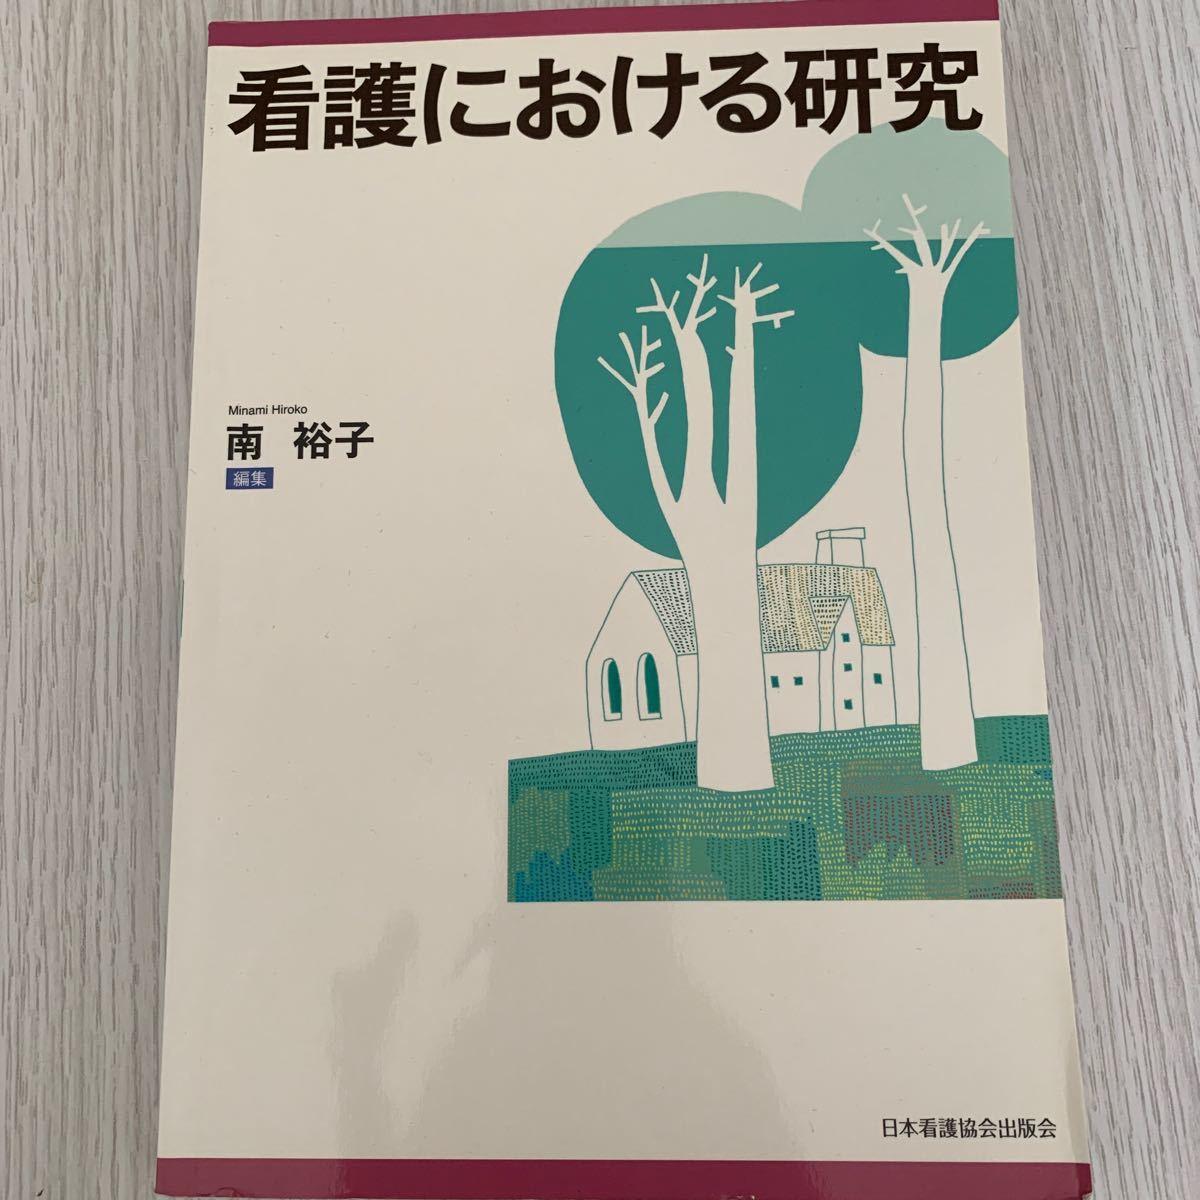 看護における研究 日本看護協会出版会 南裕子